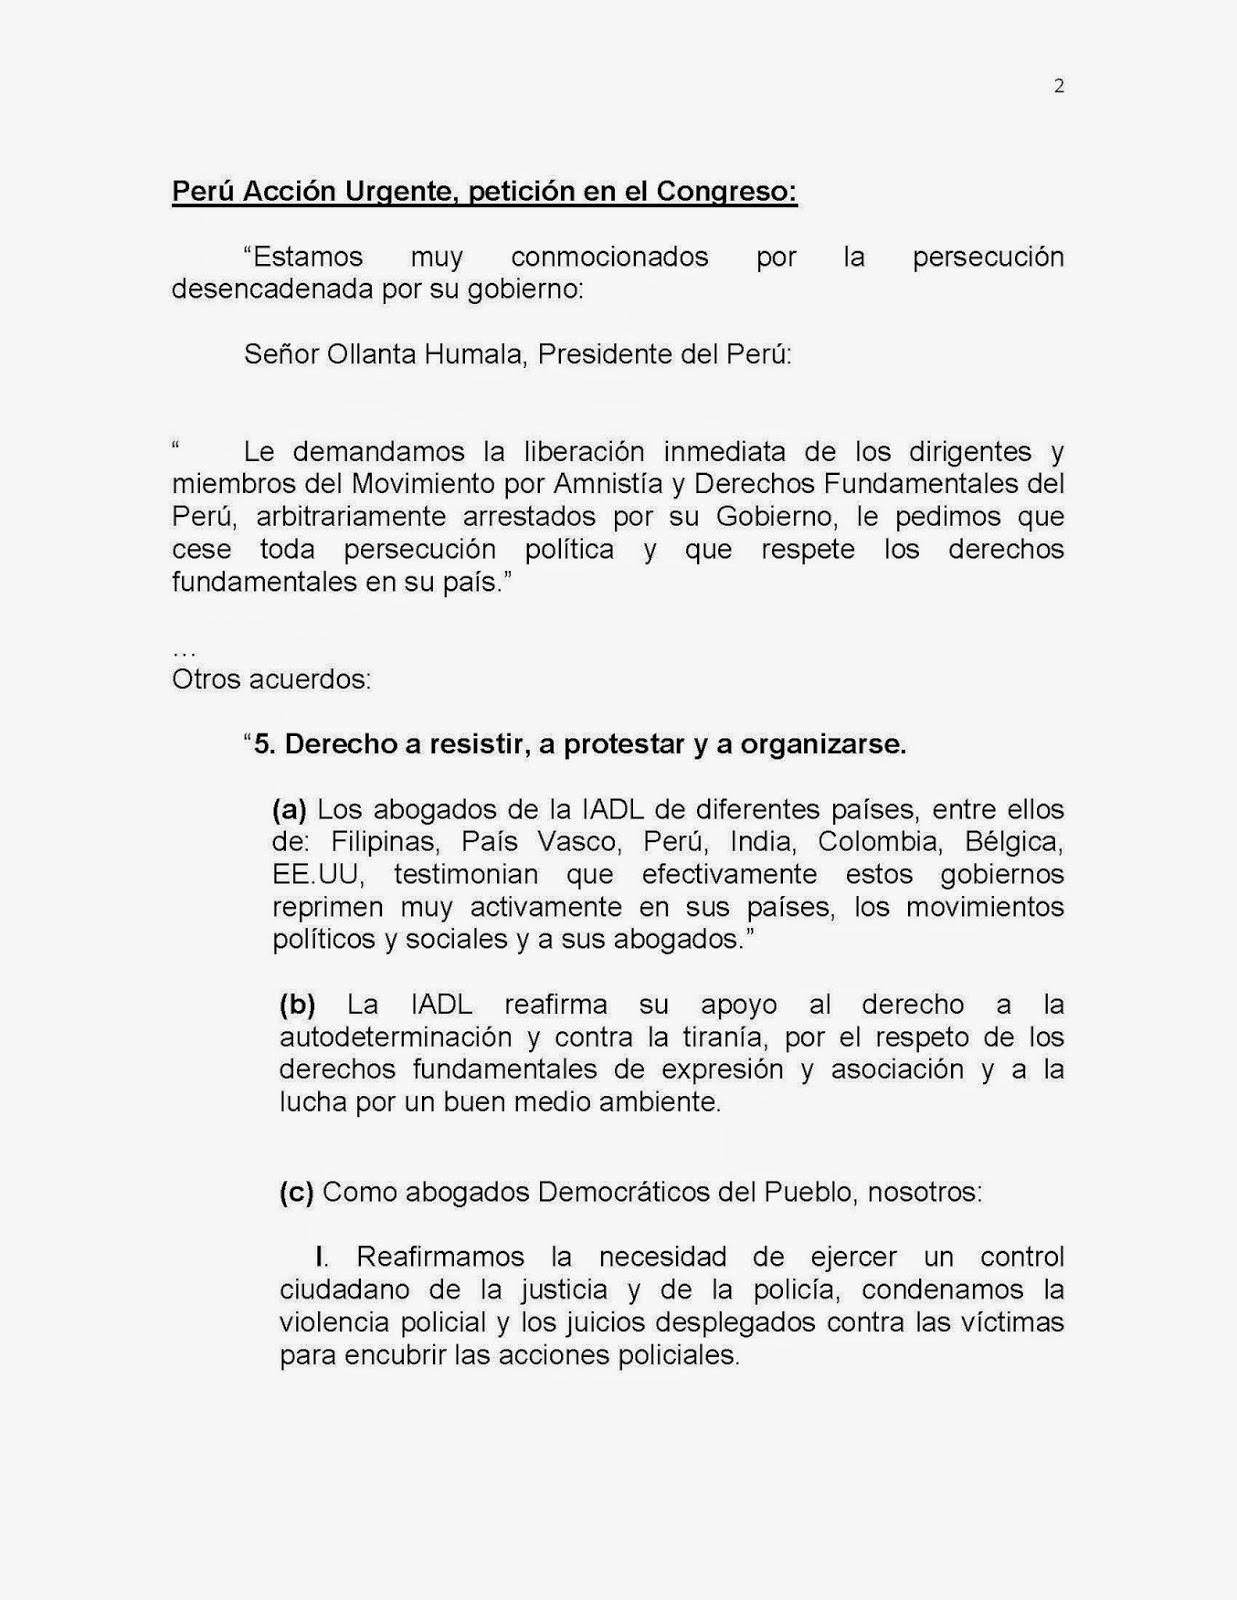 bru+castellano+190414+r_P%C3%A1gina_2.jpg